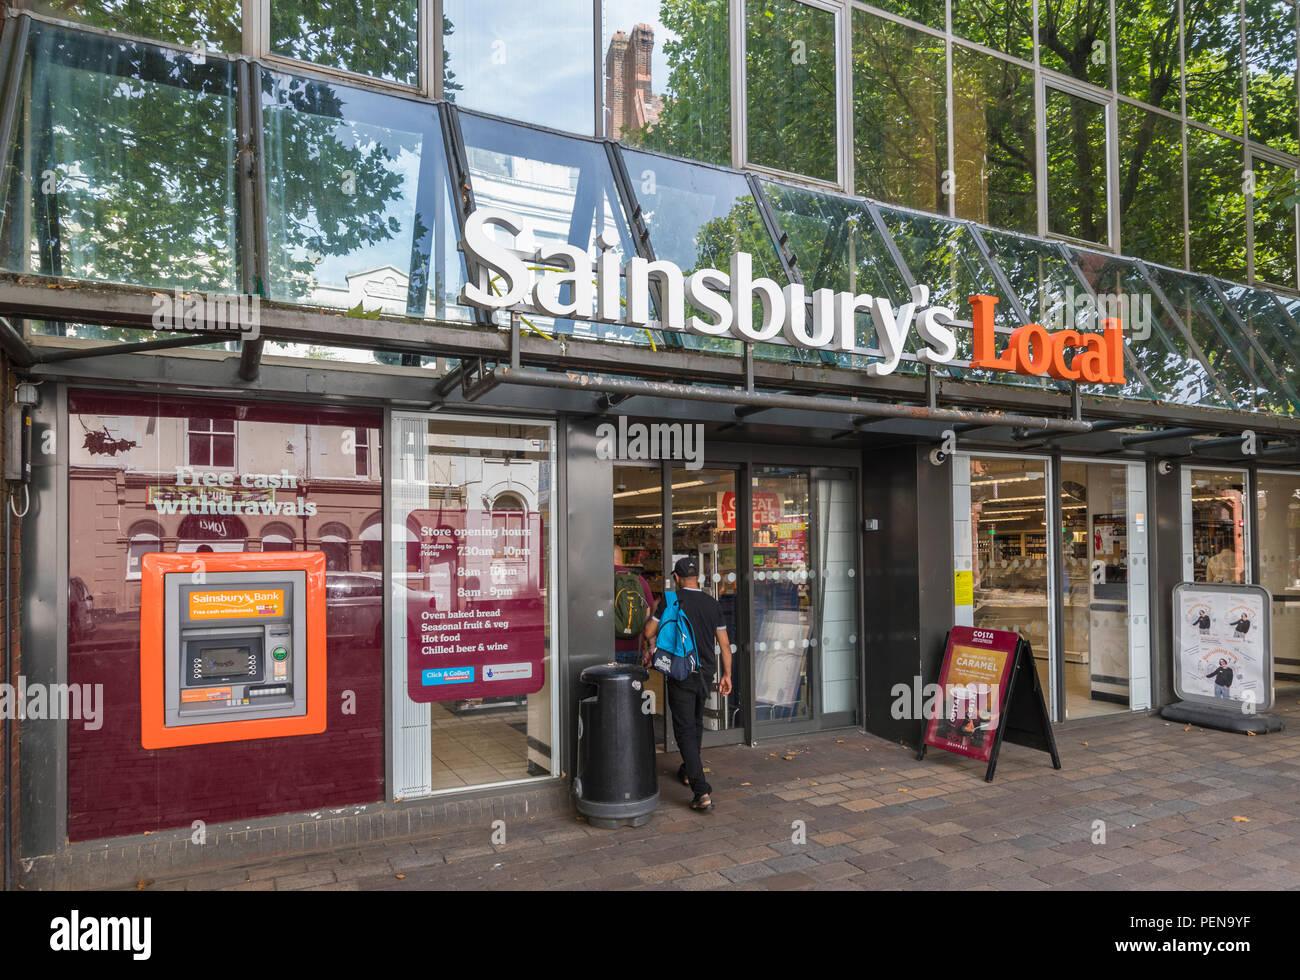 Sainsbury's de una tienda local de entrada delantera en Portsmouth, Hampshire, Inglaterra, Reino Unido. Sainsburys frente UK. Supermercado Sainsbury tienda de comestibles. Imagen De Stock